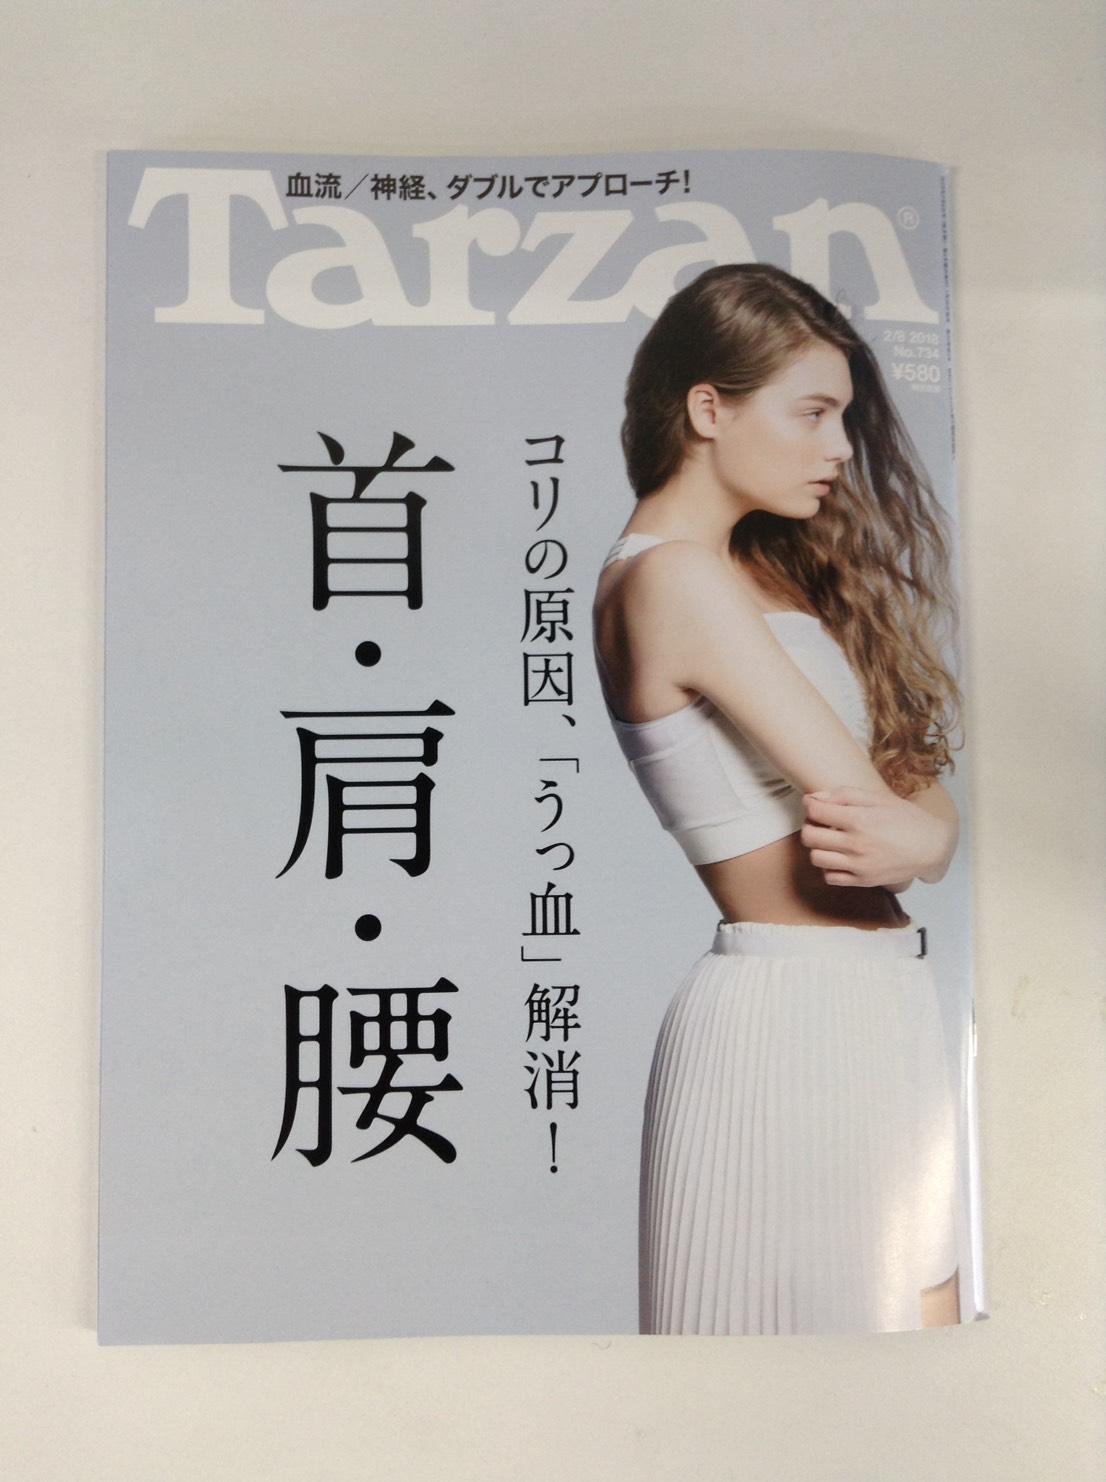 Tarzan No.734